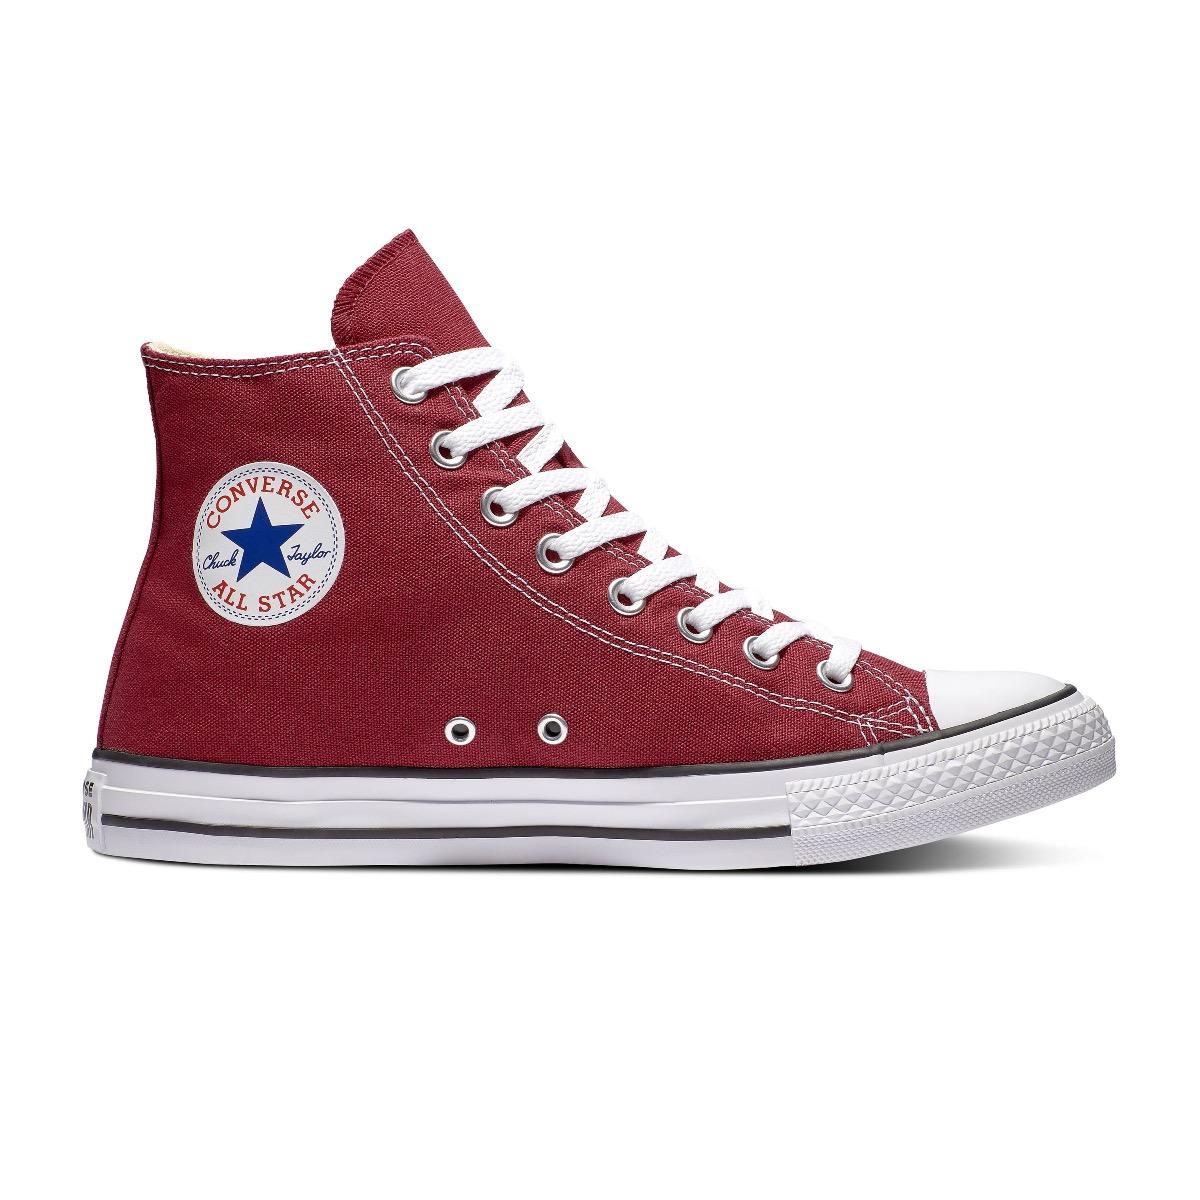 Converse All Stars Hoog Bordeaux Rood maat 43